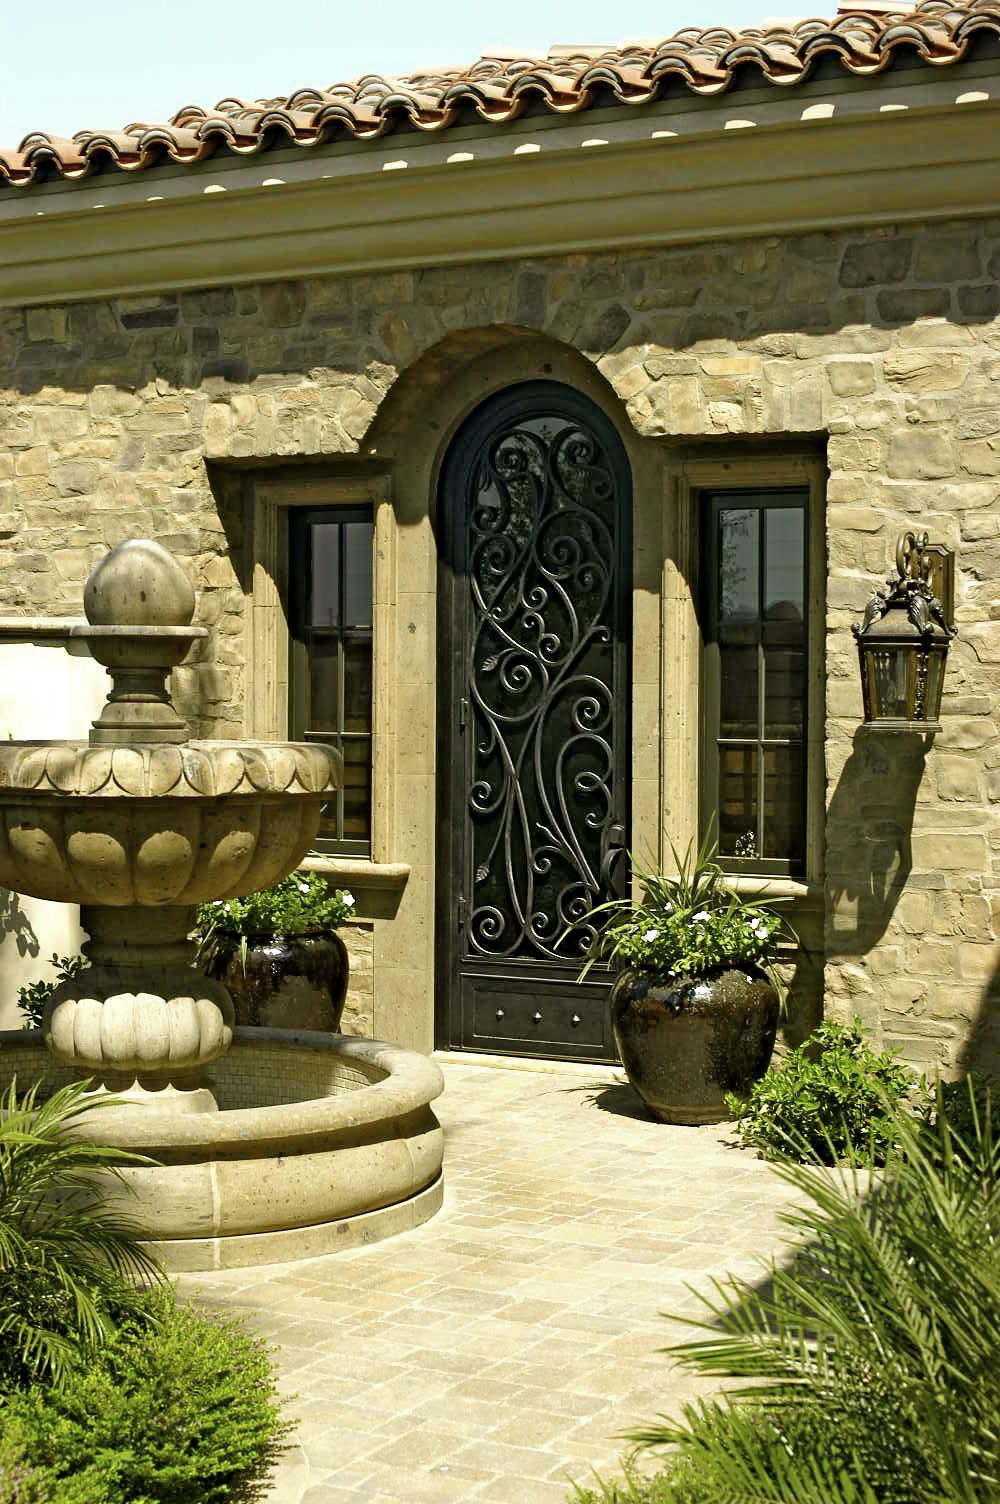 Molding / Surrounds - Cantera Stone & Limestone Architectural Designs